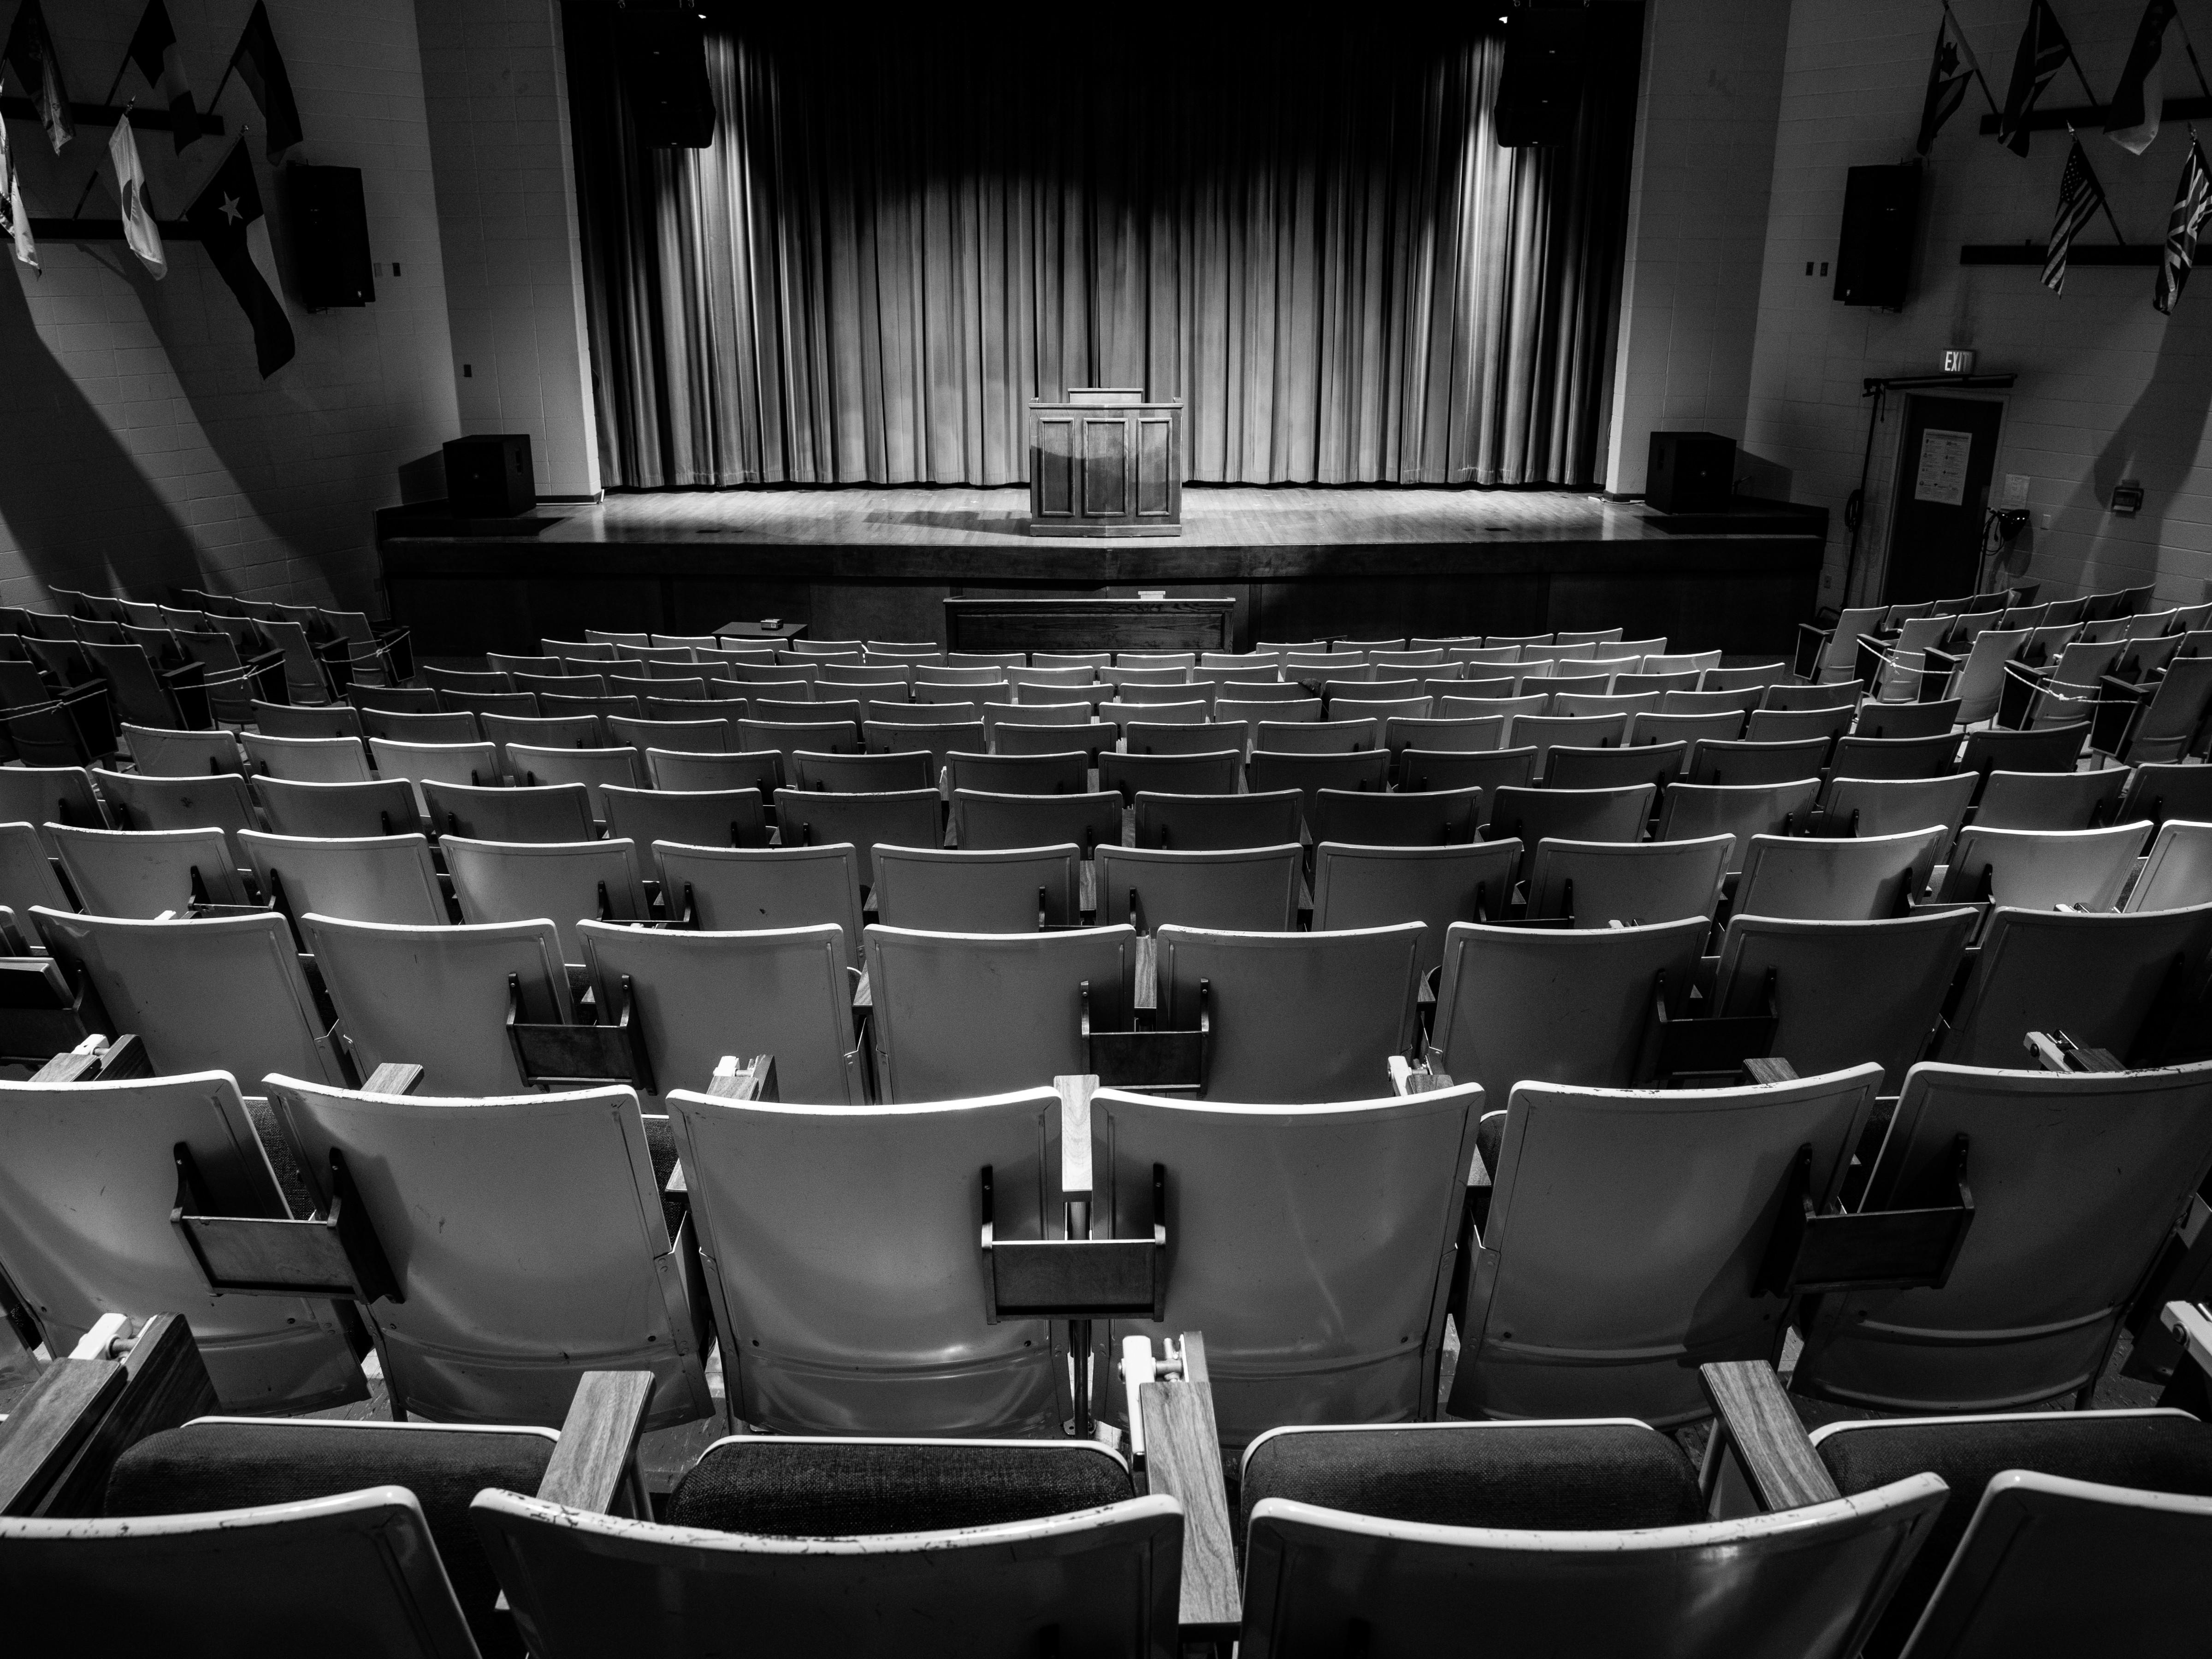 Van Til Auditorium